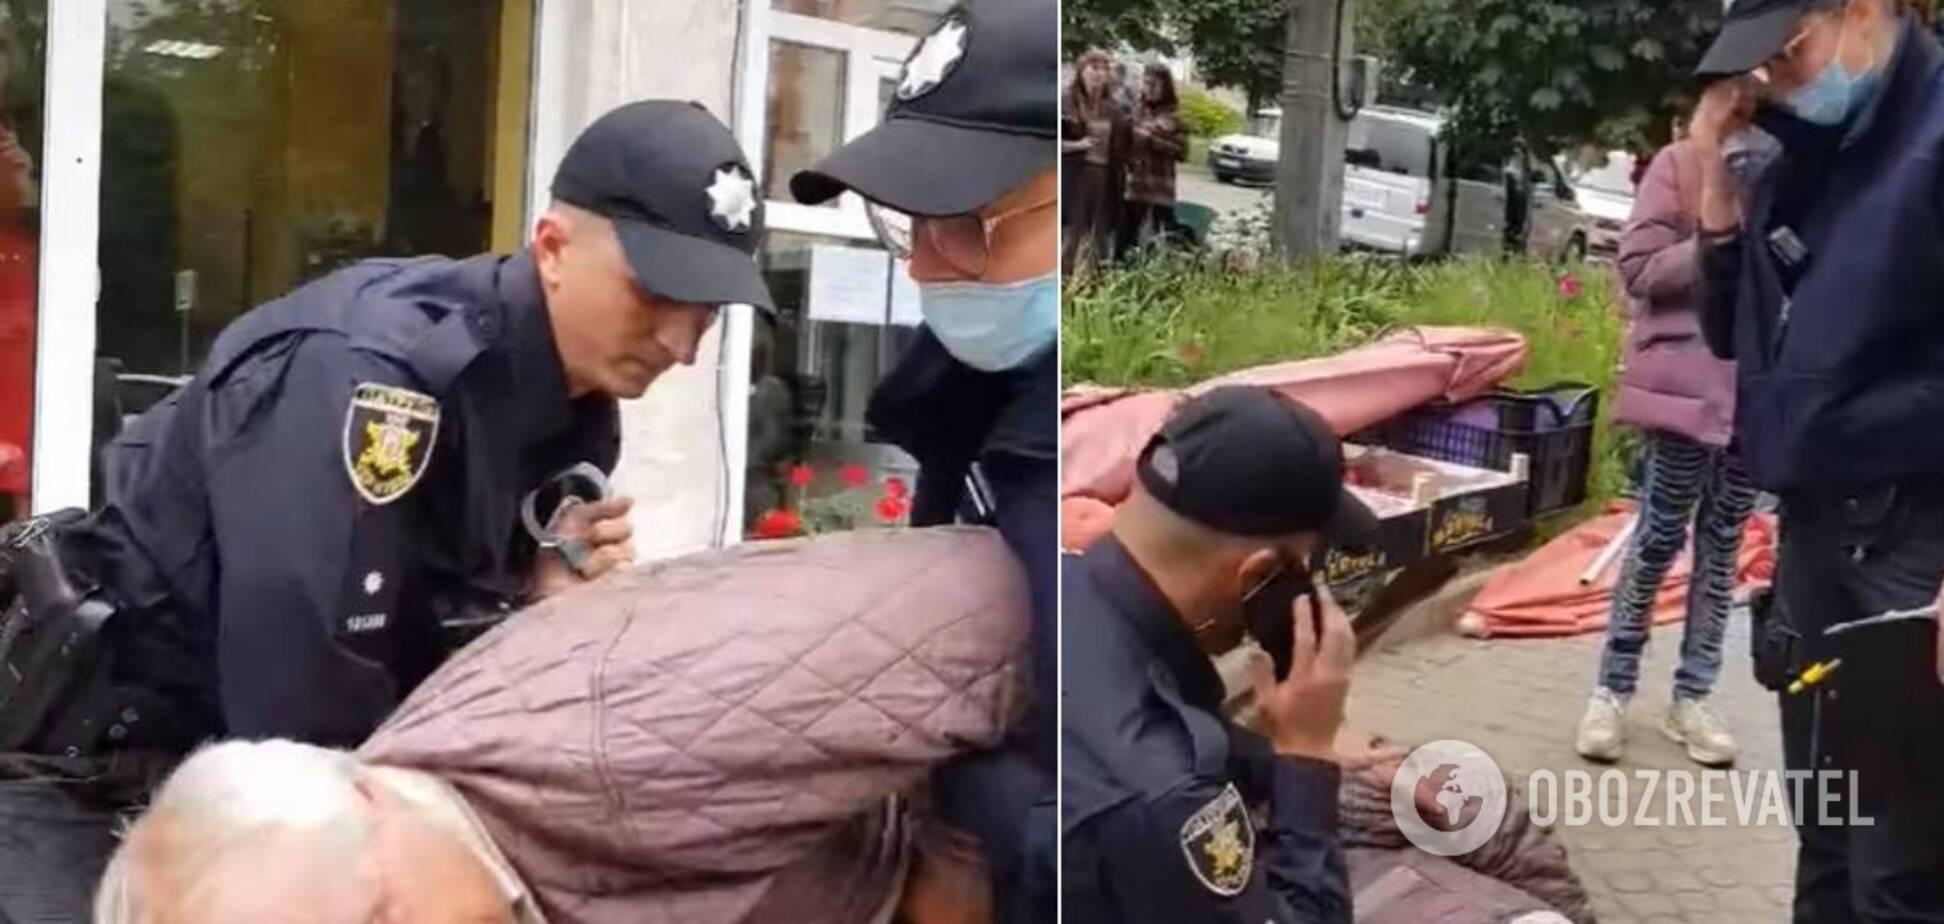 У Чернівцях поліцейські жорстко затримали пенсіонера за стихійну торгівлю: відео обурило українців